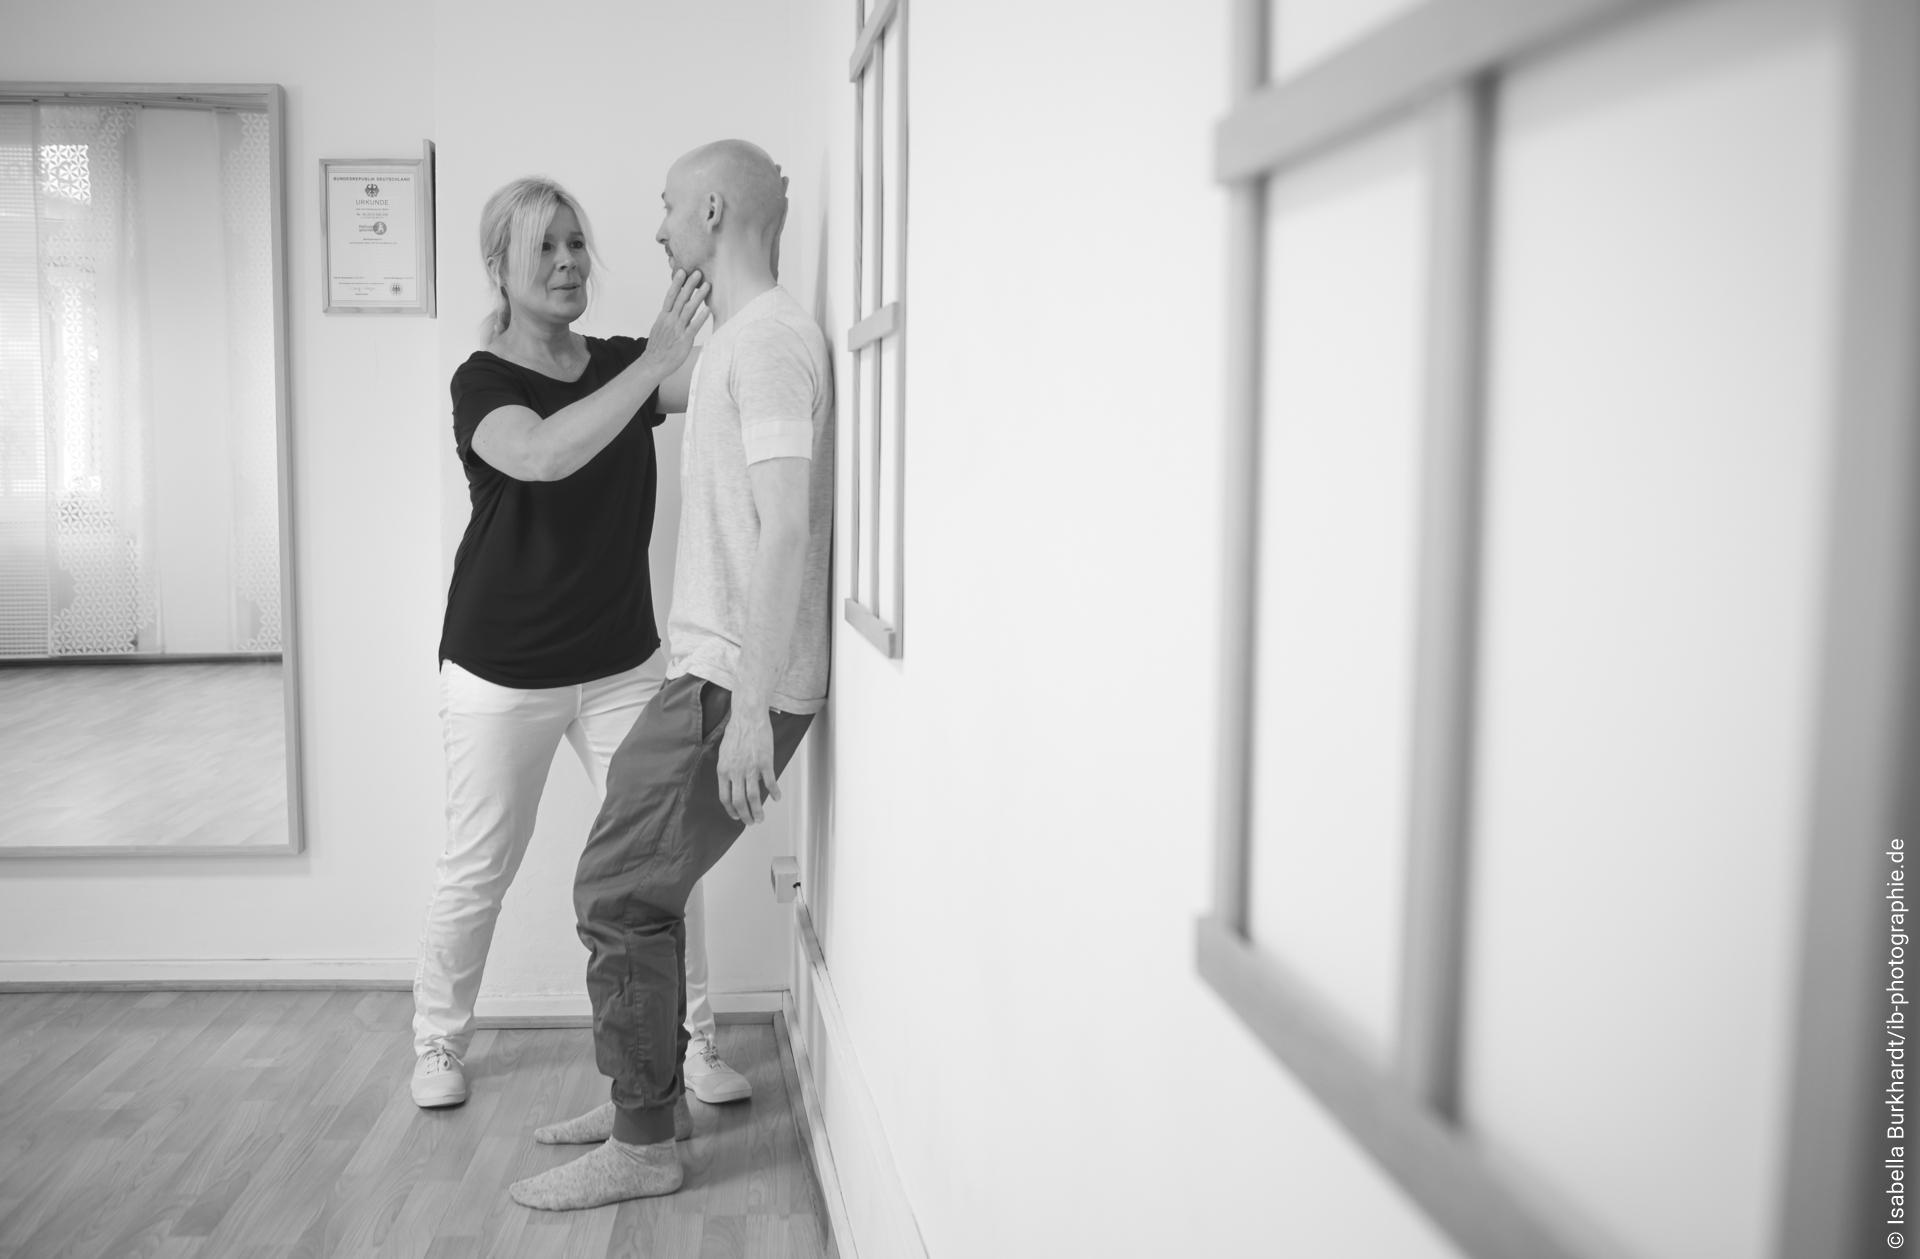 Anleitung mit Spiegel - achtsames Fühlen von Belastung und Druck auf Füßen und Gelenken